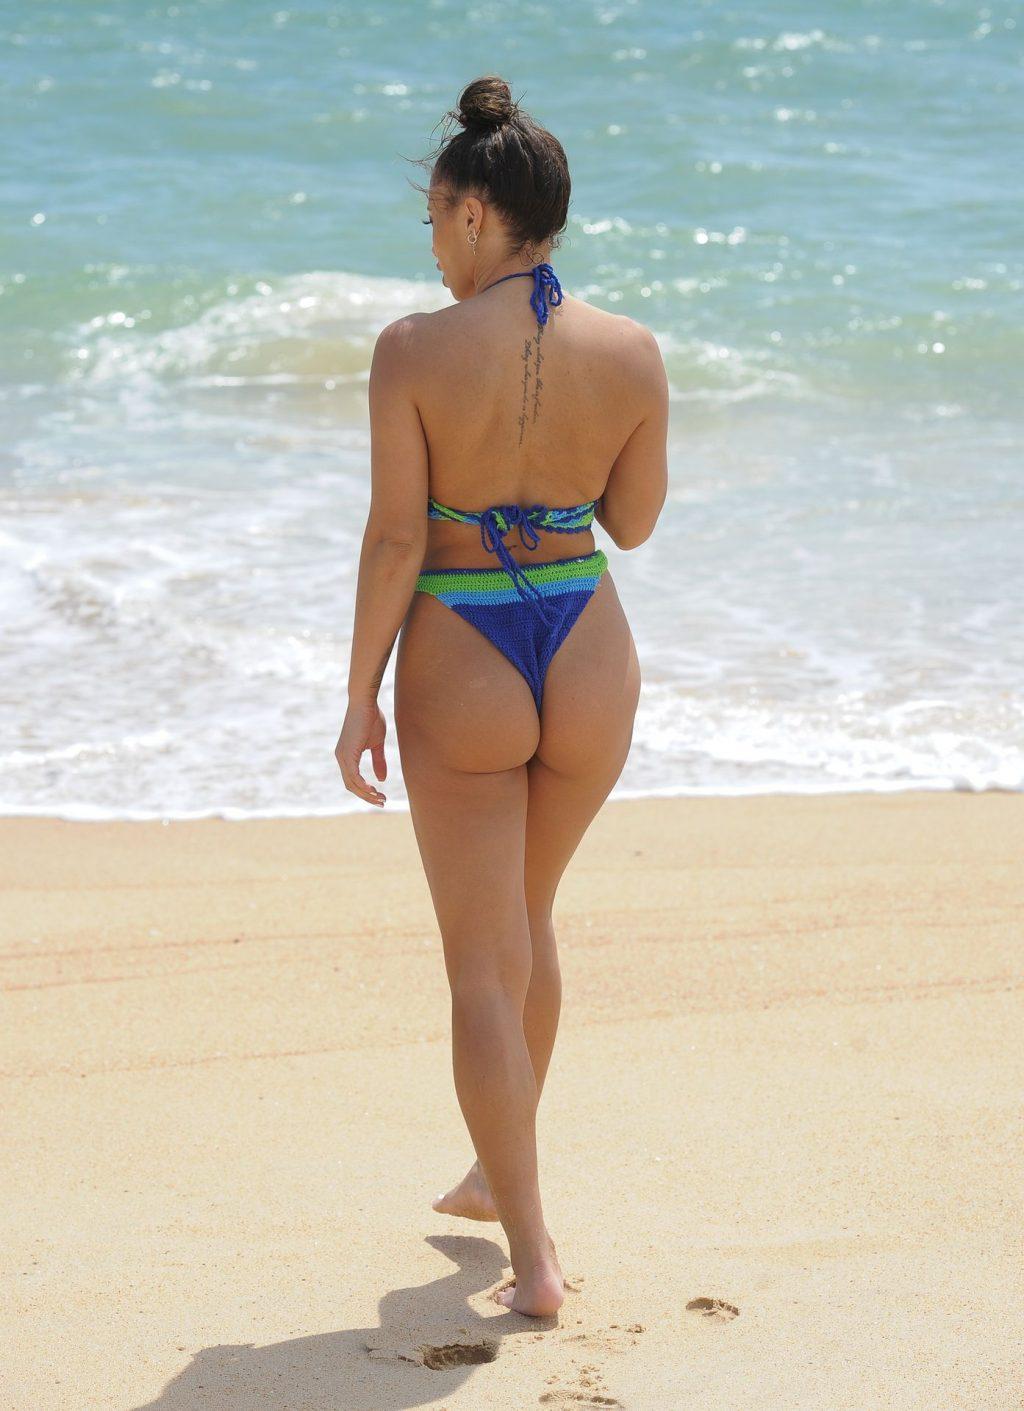 Sexy Kayleigh Morris Enjoys a Day on the Beach (18 Photos)